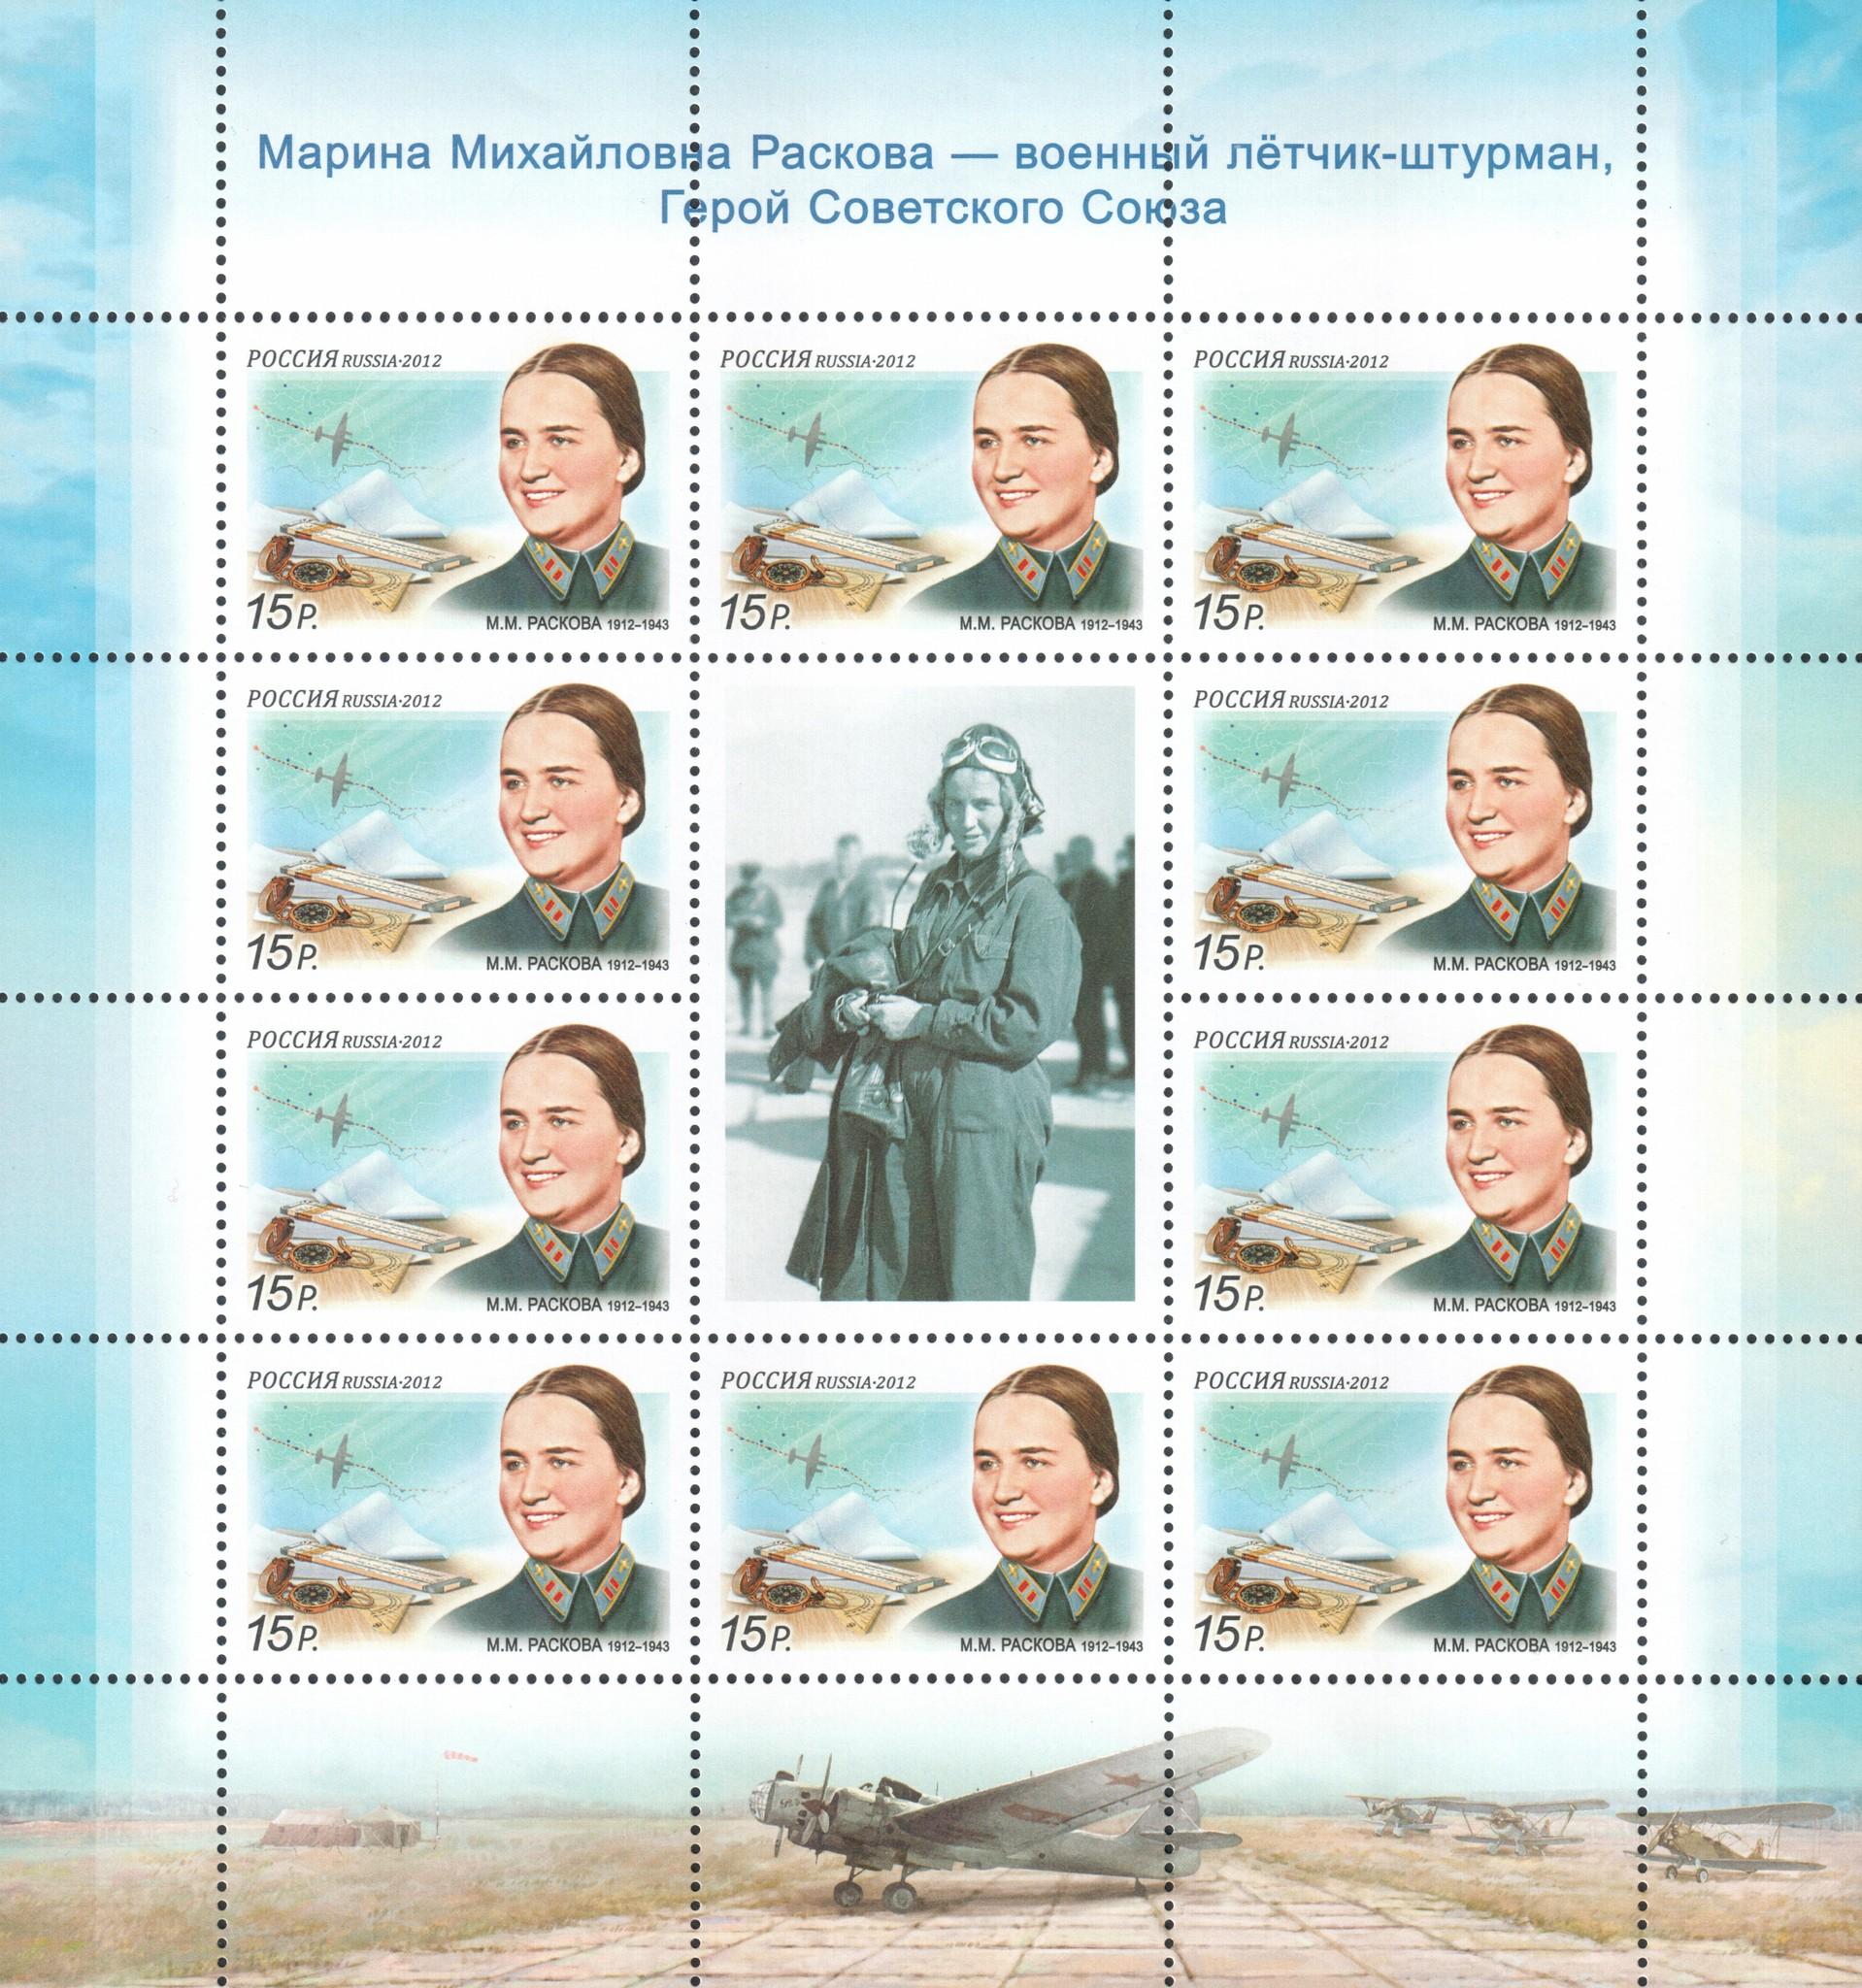 Марина Михайловна Раскова - военный лётчик-штурман, Герой Советского Союза